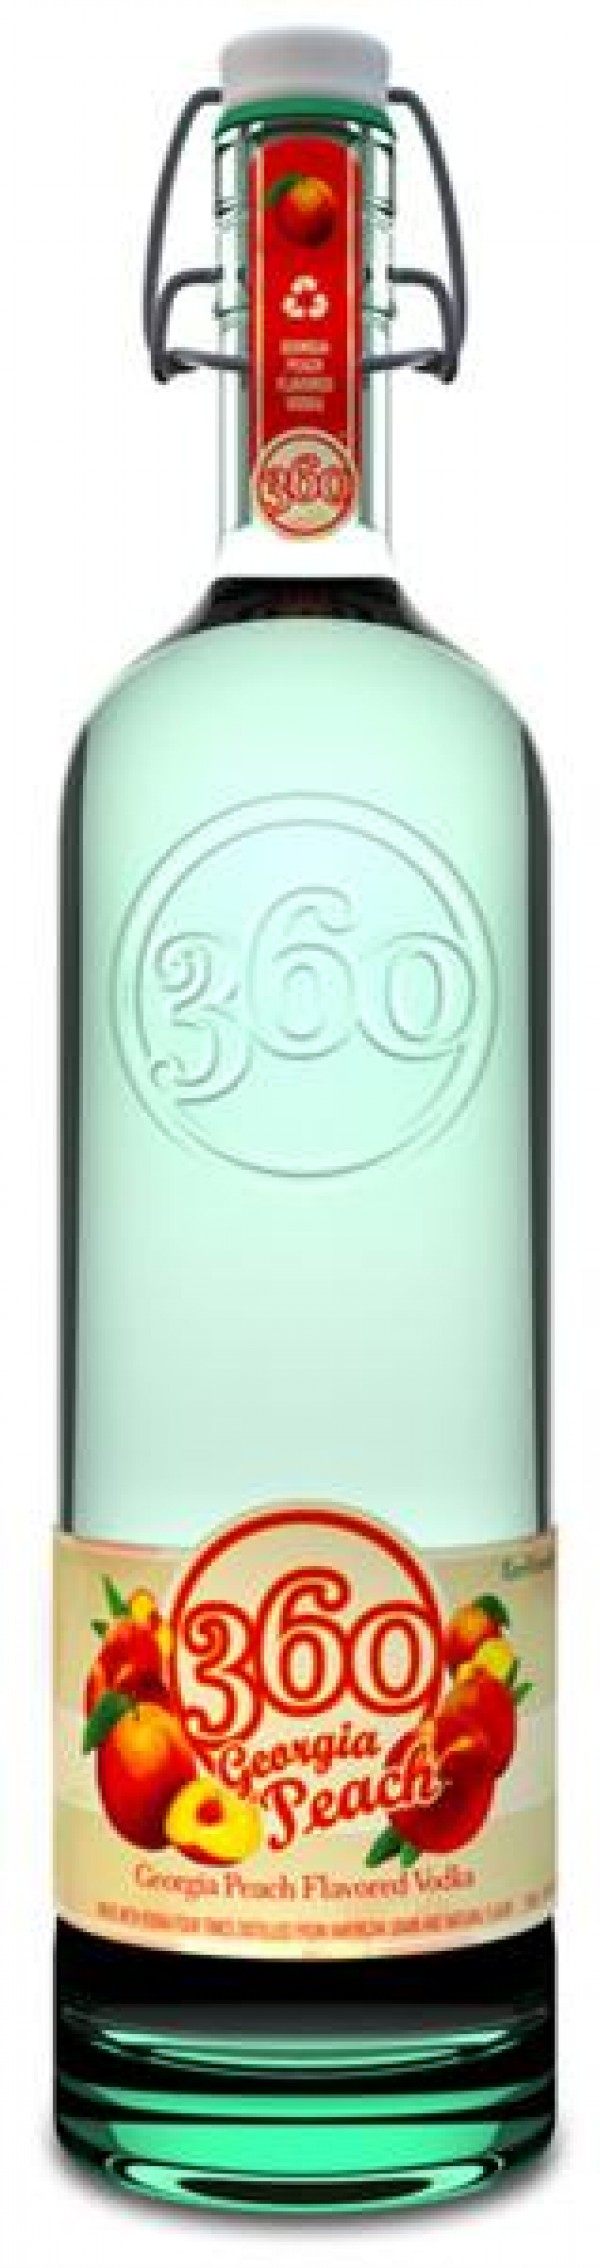 360 Vodka Georgia Peach